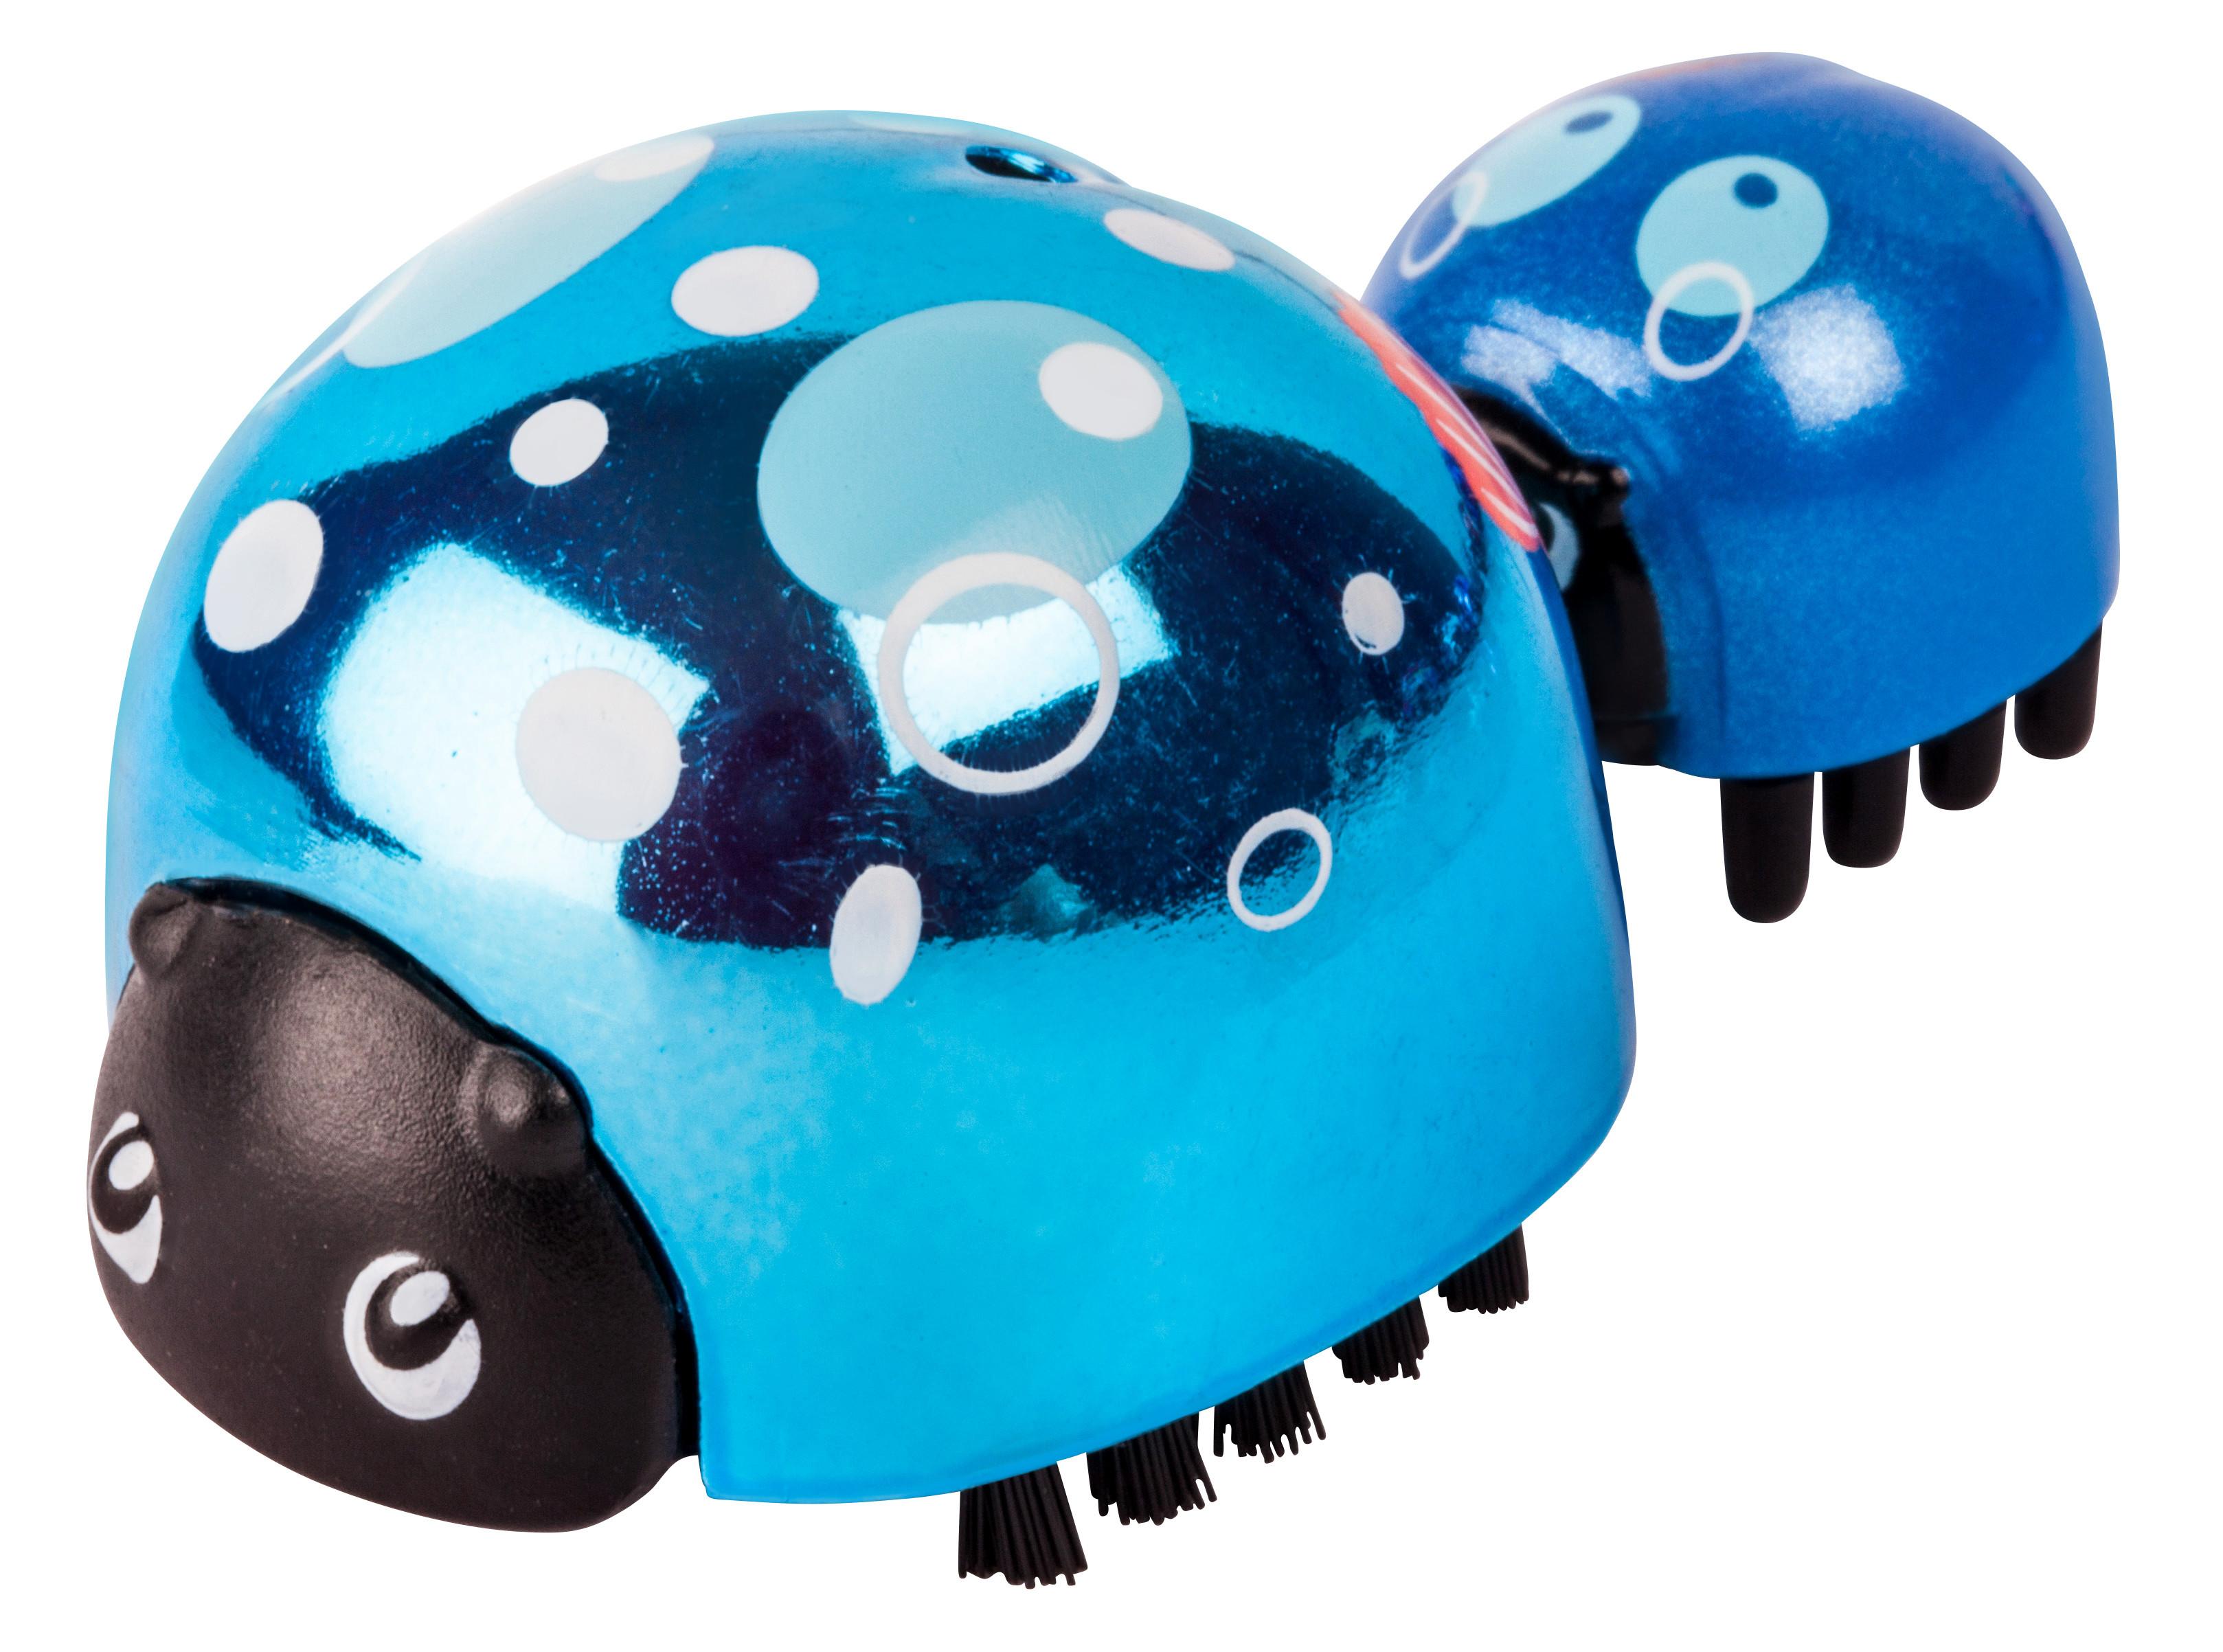 Интерактивная игрушка Moose Little Live Pets Божья коровка и малыш игрушка moose божья коровка и малыш 28447 1